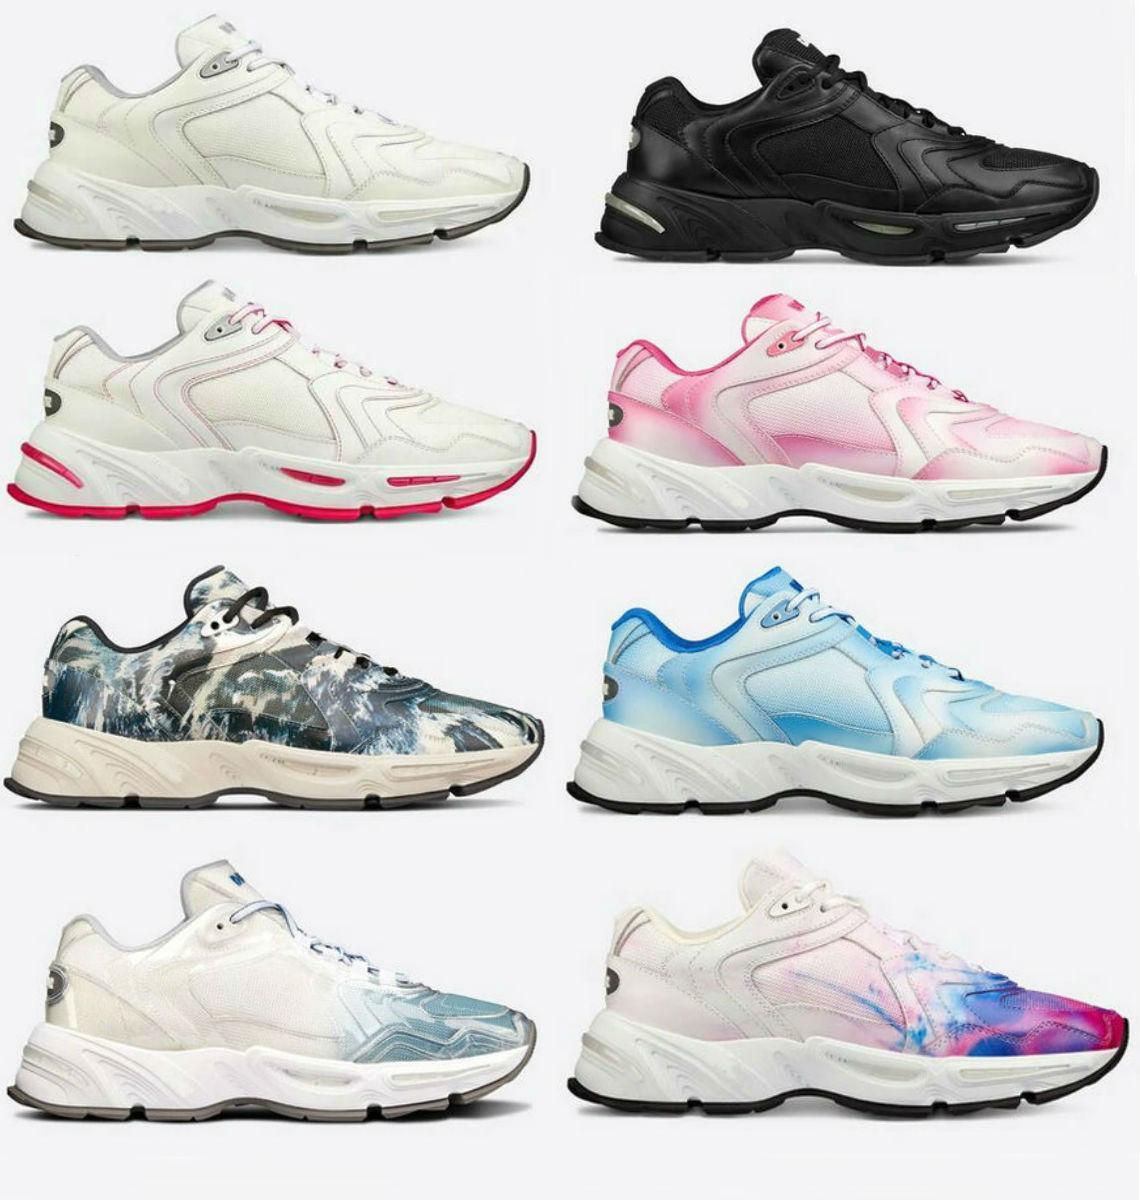 design di lusso scarpe CD1 scarpe casual migliori scarpe delle donne di pendenza sneakers in pelle di vitello riflettente